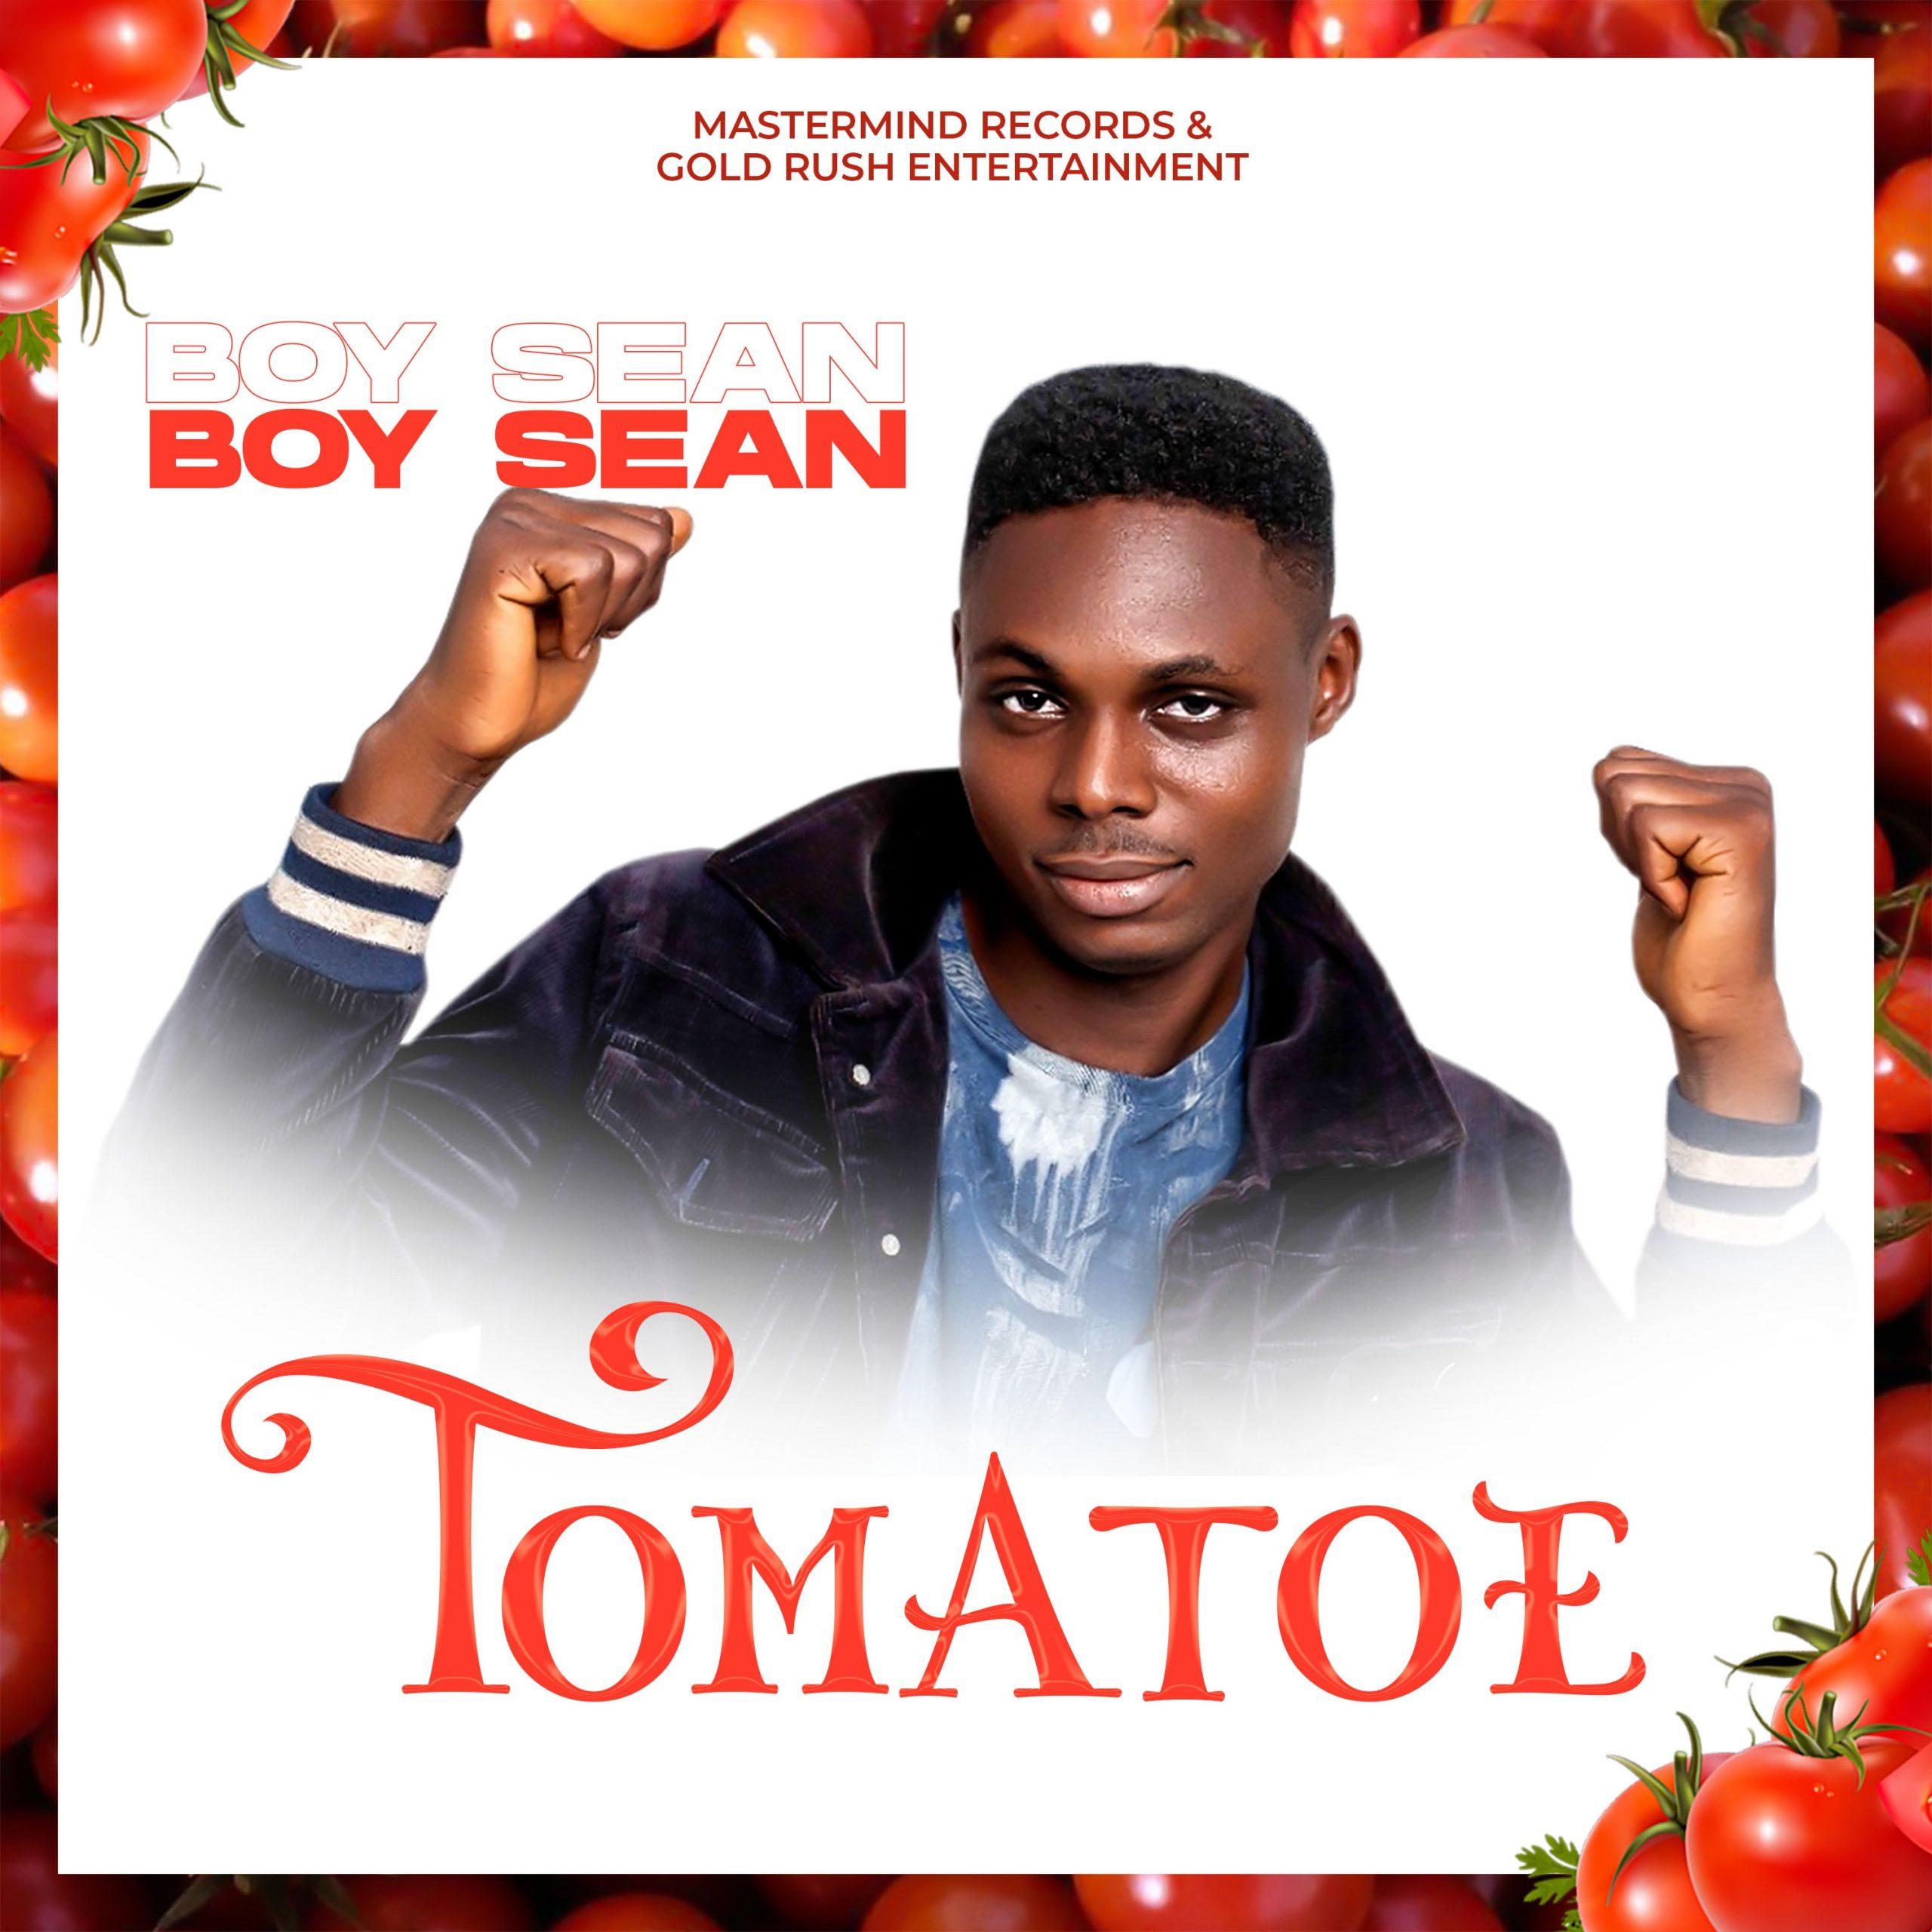 Boy Sean - Tomatoe